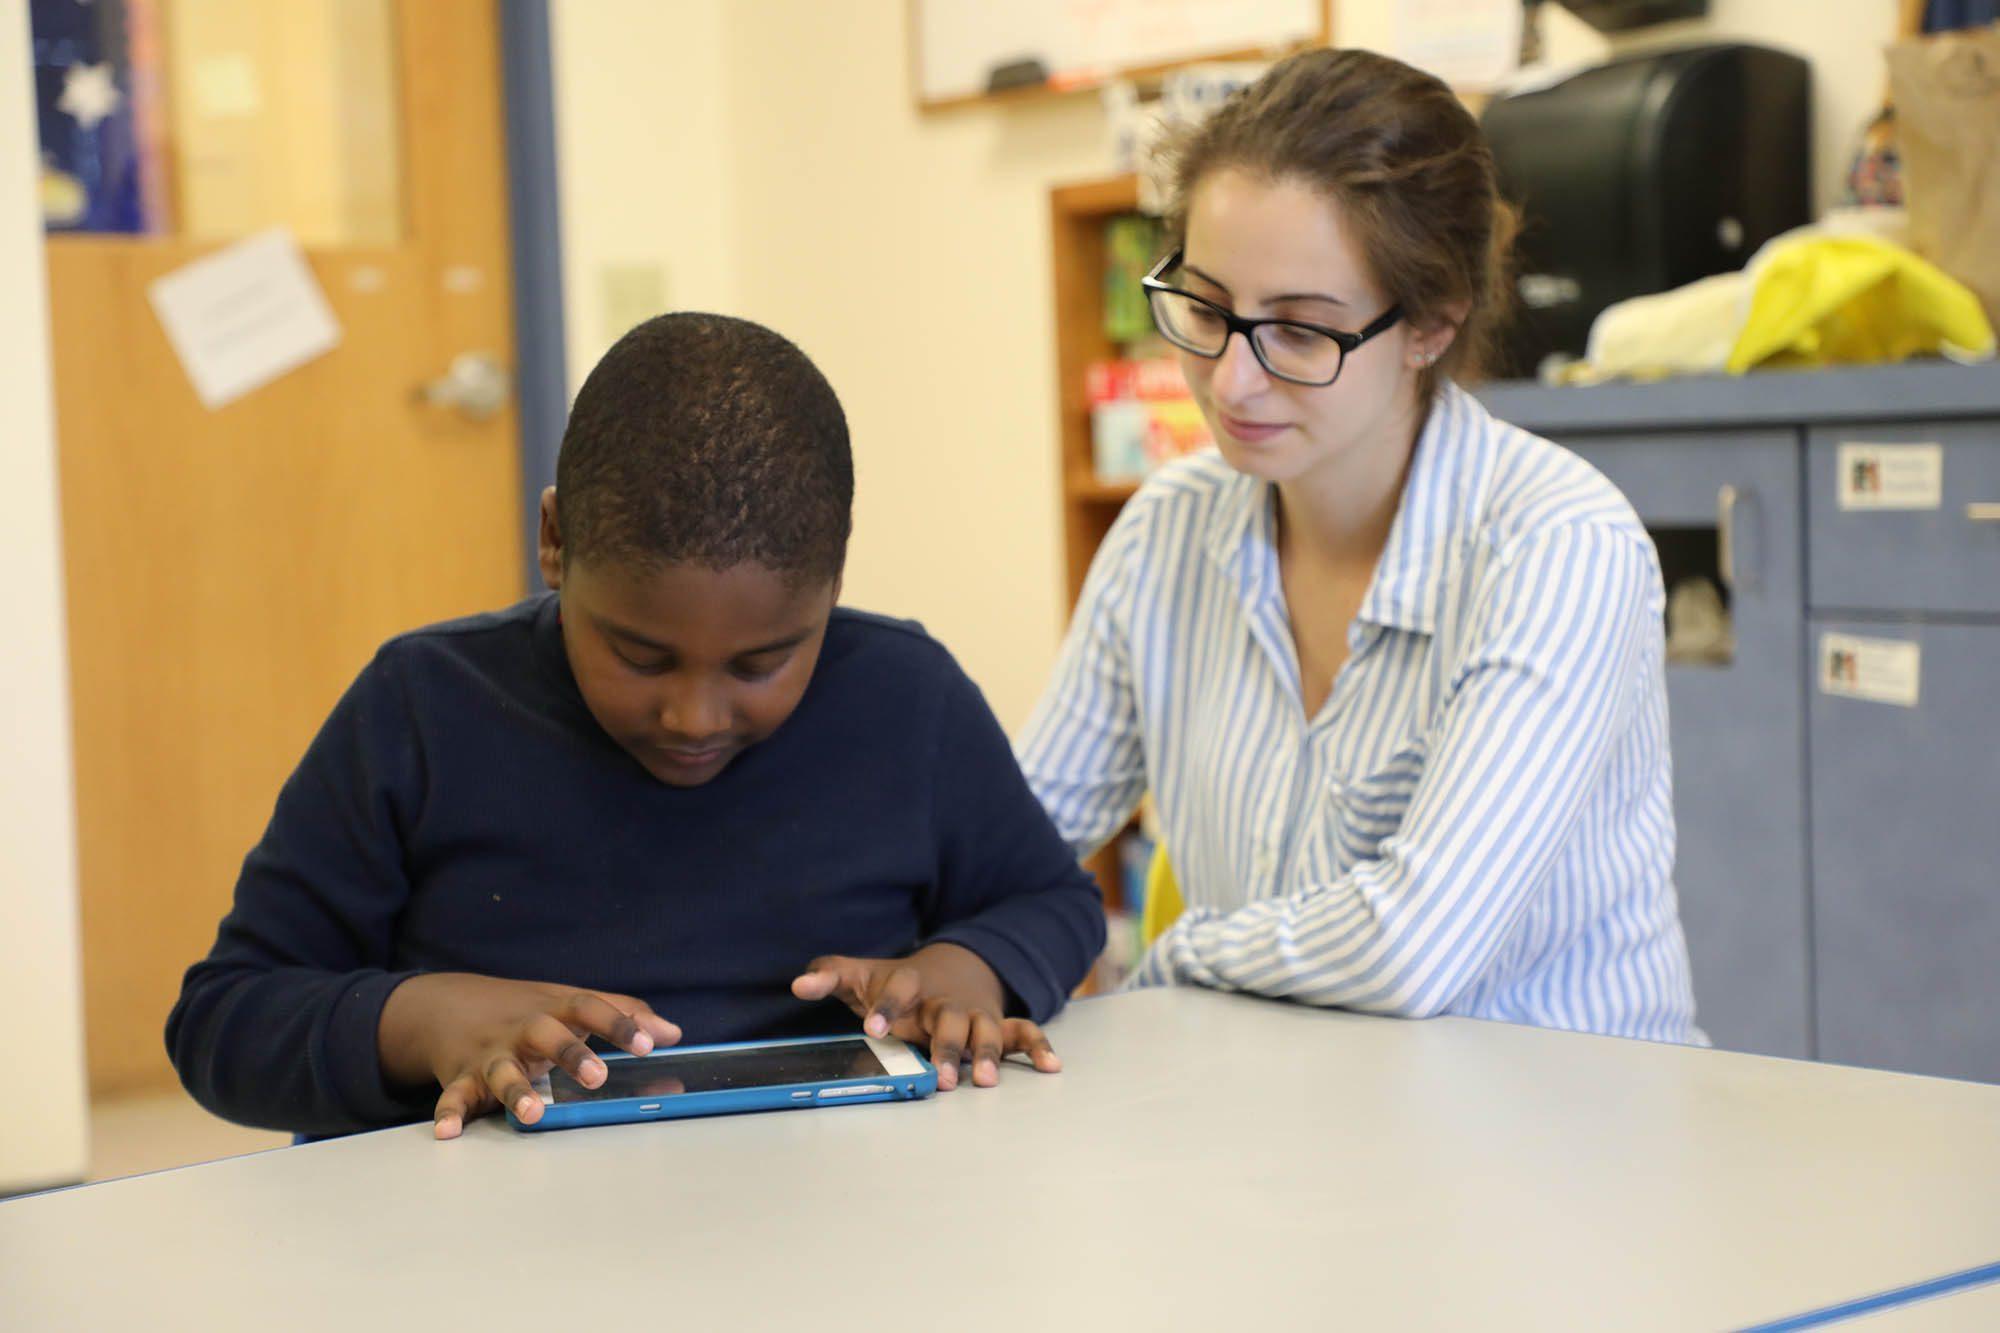 NECC Student at Desk